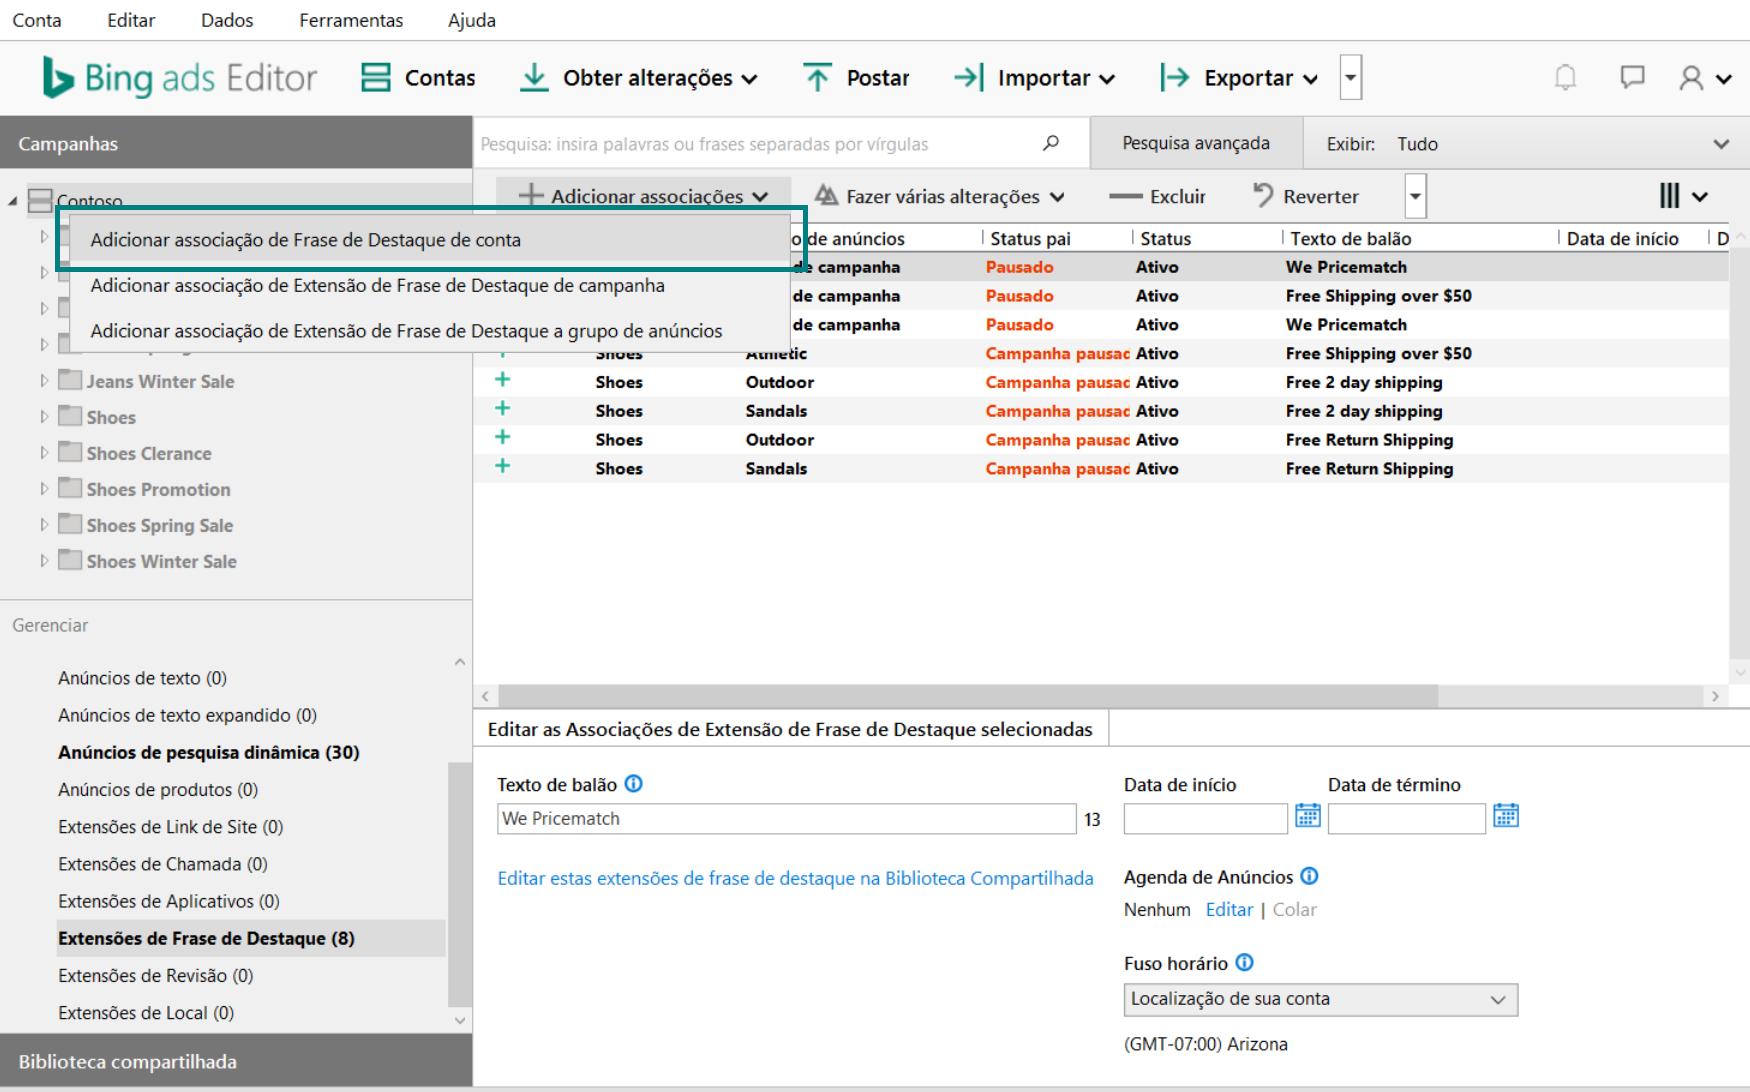 Captura de tela do Bing Ads Editor exibindo a seleção de Adicionar associação de Frase de Destaque de conta